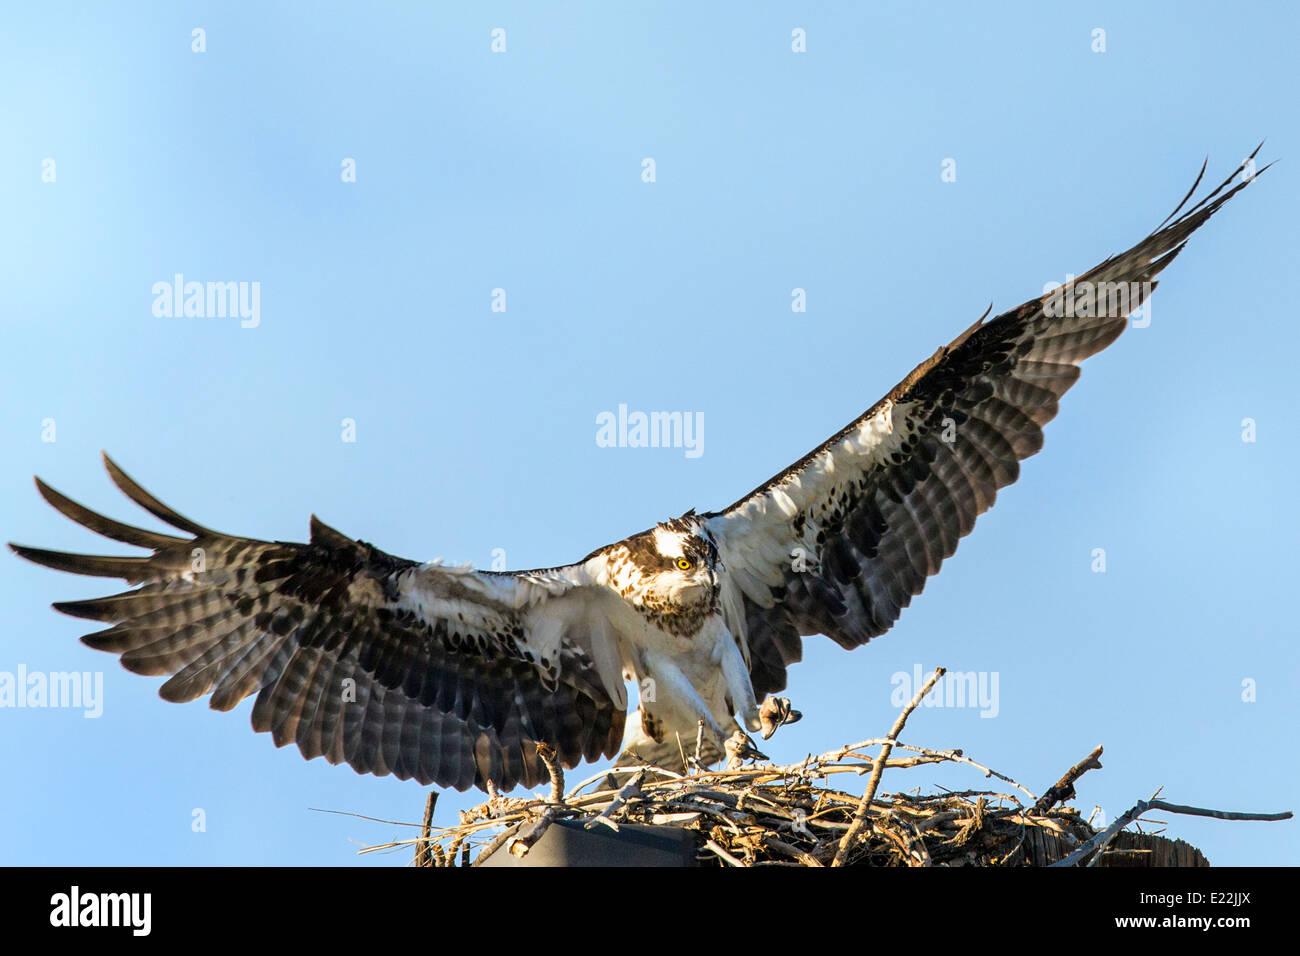 Osprey flying from nest, Pandion haliaetus, sea hawk, fish eagle, river hawk, fish hawk, raptor, Chaffee County, Stock Photo